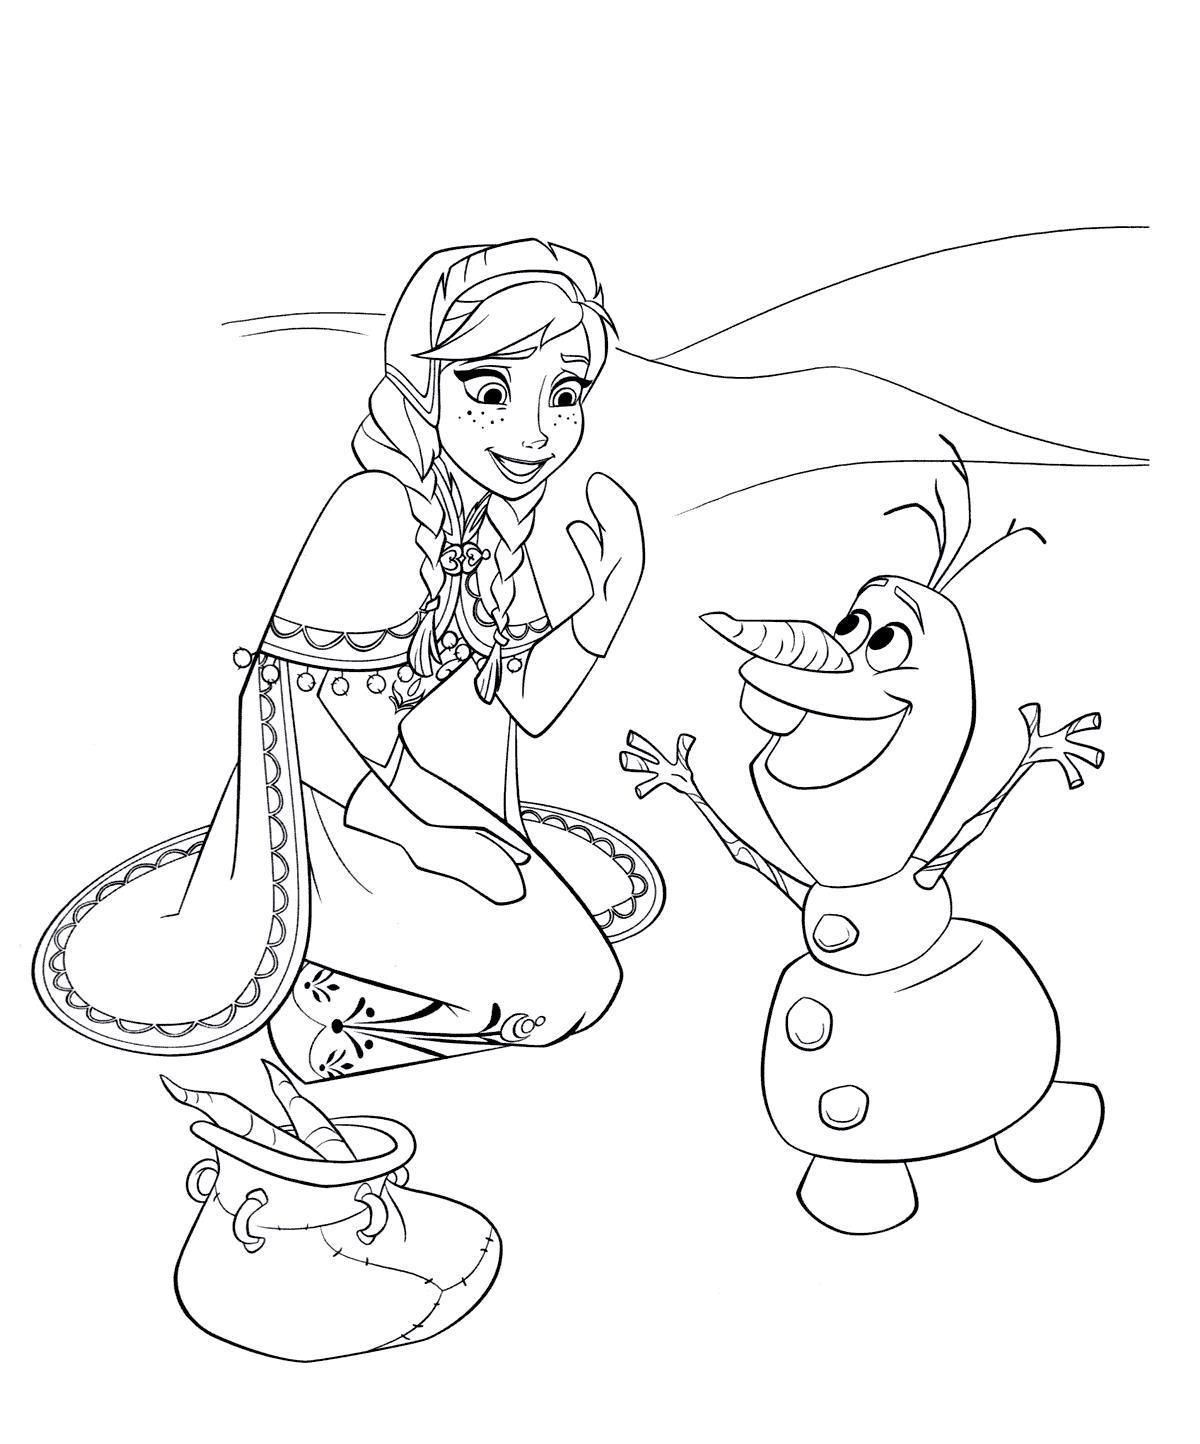 Снеговик олаф и принцесса Раскраска зима распечатать